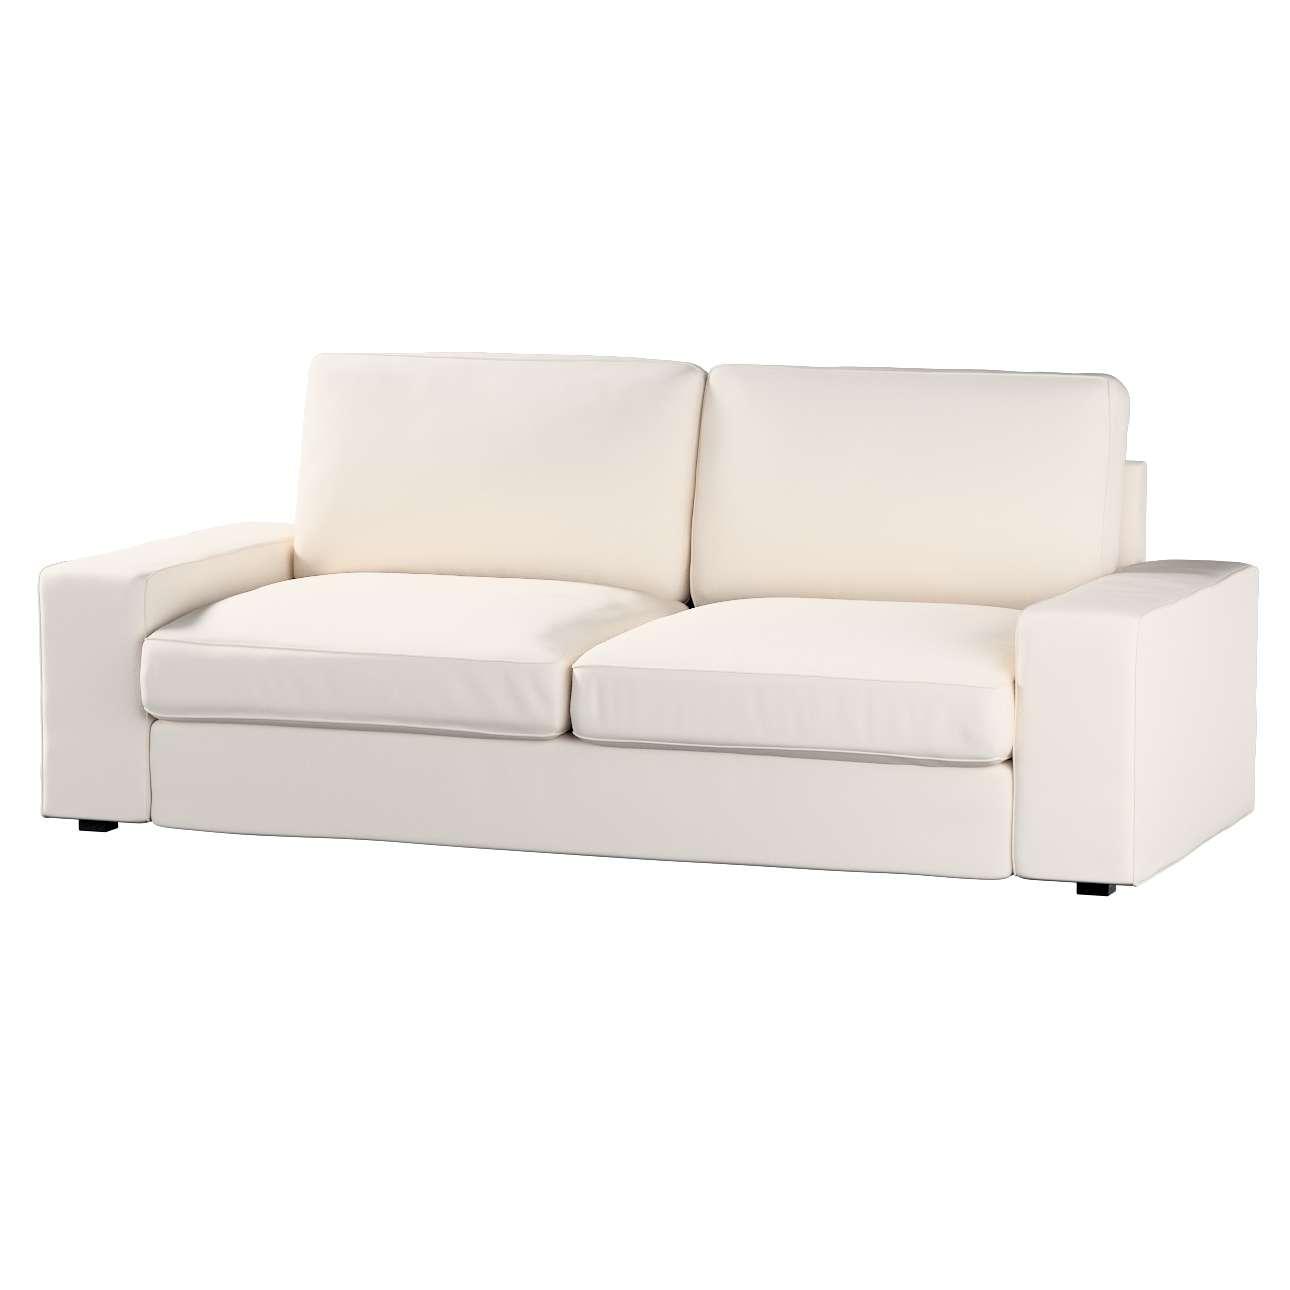 Pokrowiec na sofę Kivik 3-osobową, rozkładaną Sofa Kivik 3-osobowa rozkładana w kolekcji Etna , tkanina: 705-01